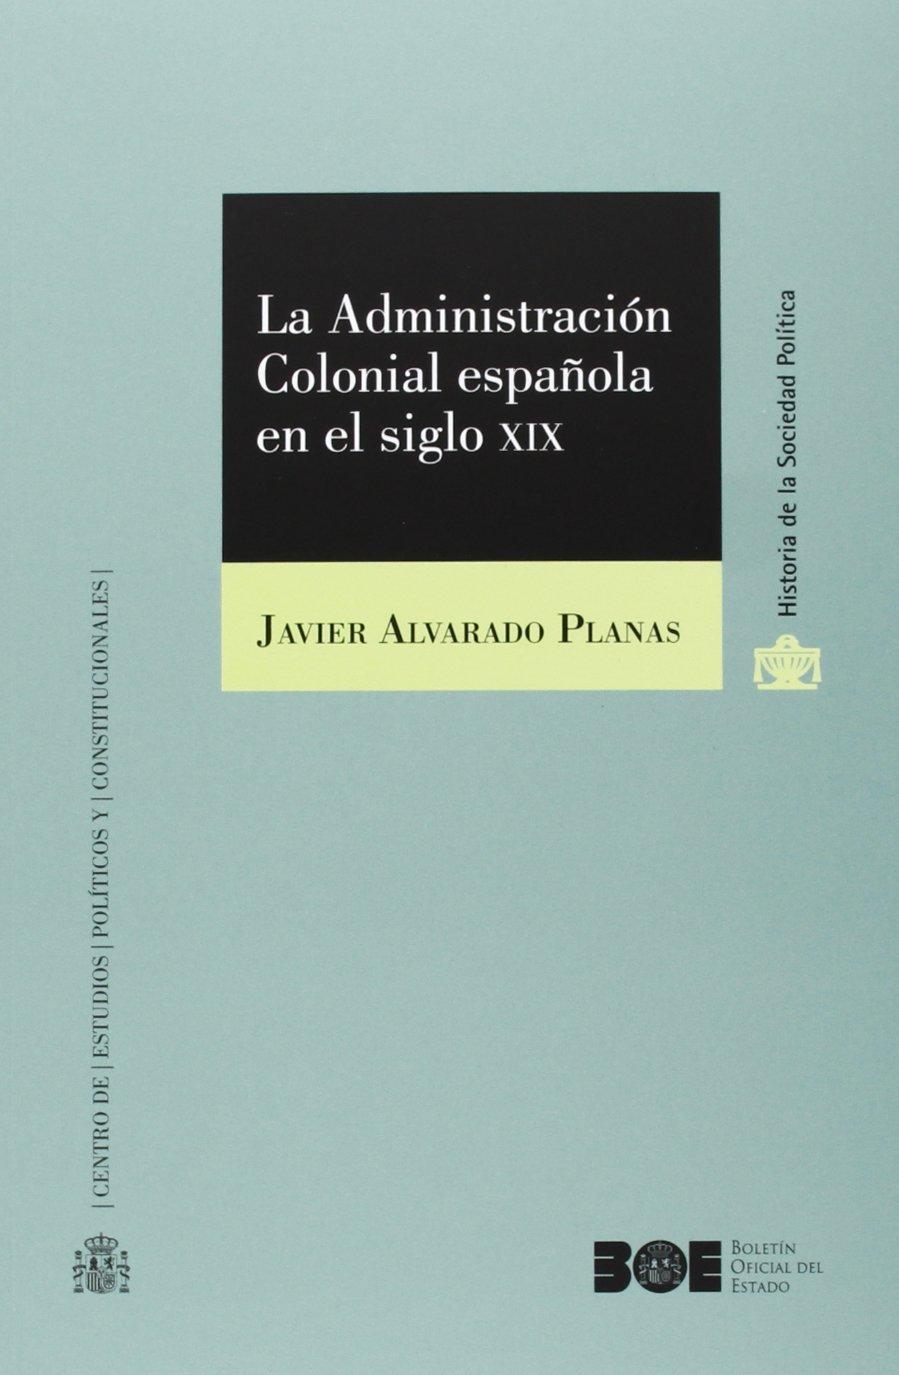 La Administración Colonial española en el siglo XIX Historia de la Sociedad Política CEPC: Amazon.es: Alvarado Planas, Javier: Libros